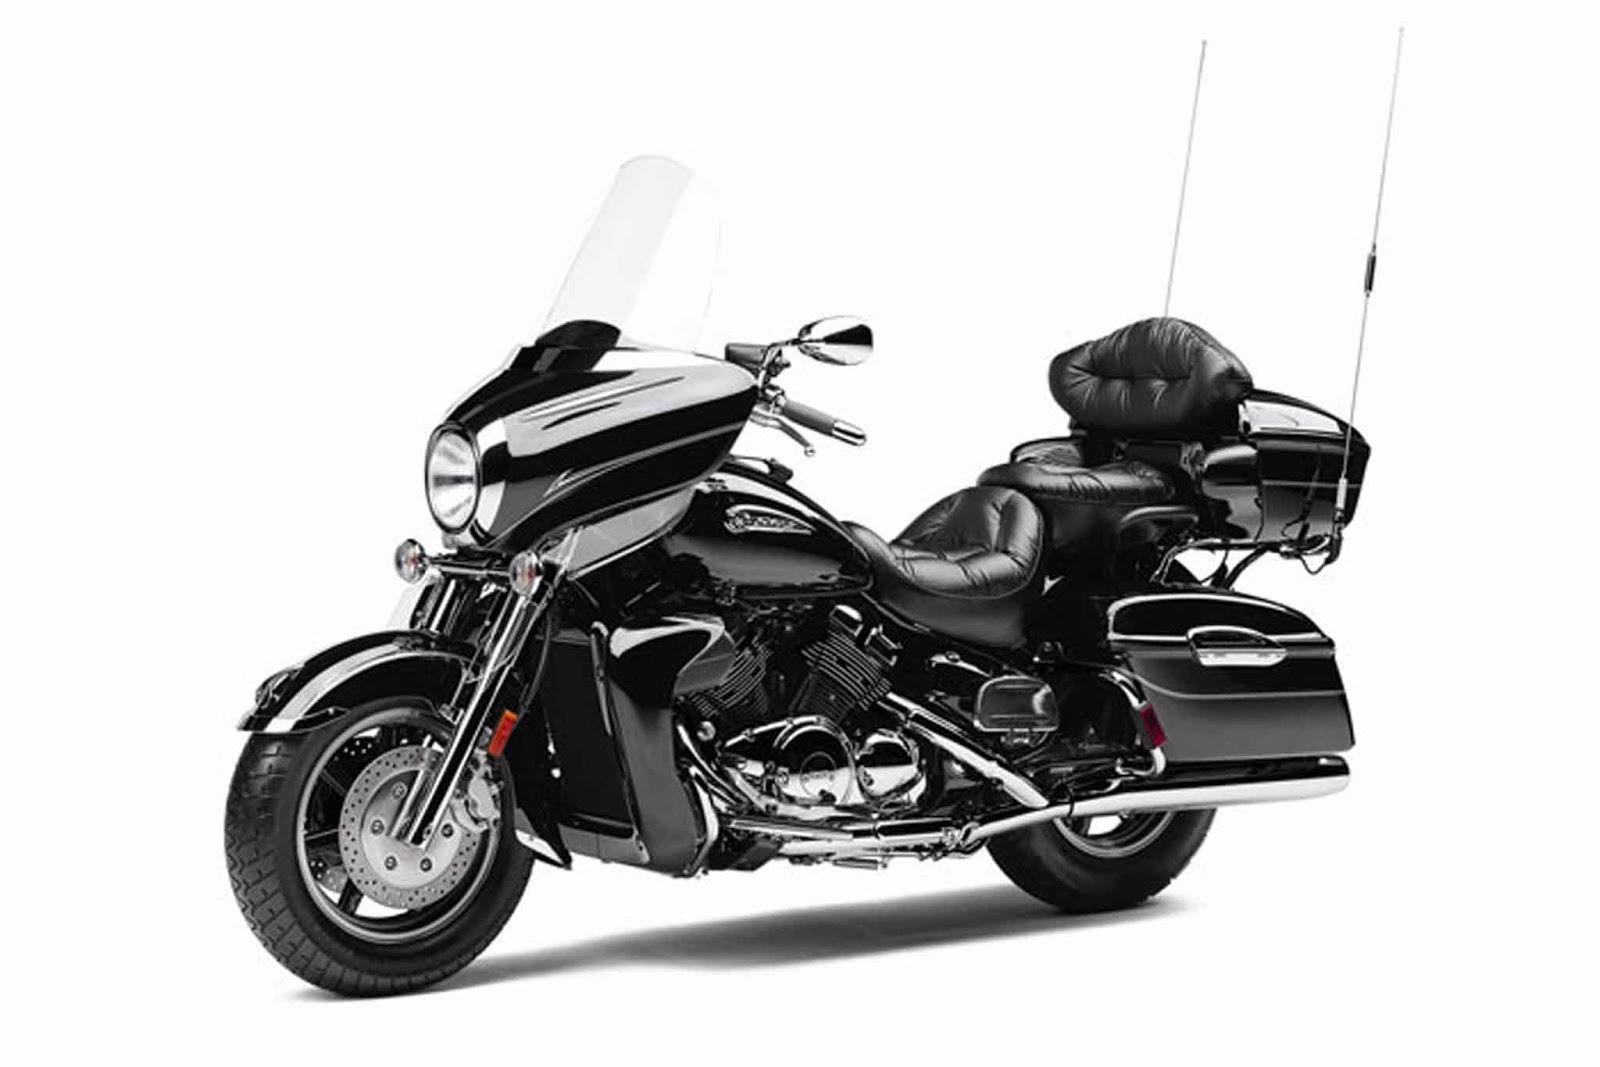 2013 yamaha royal star venture s for Yamaha royal star motorcycle